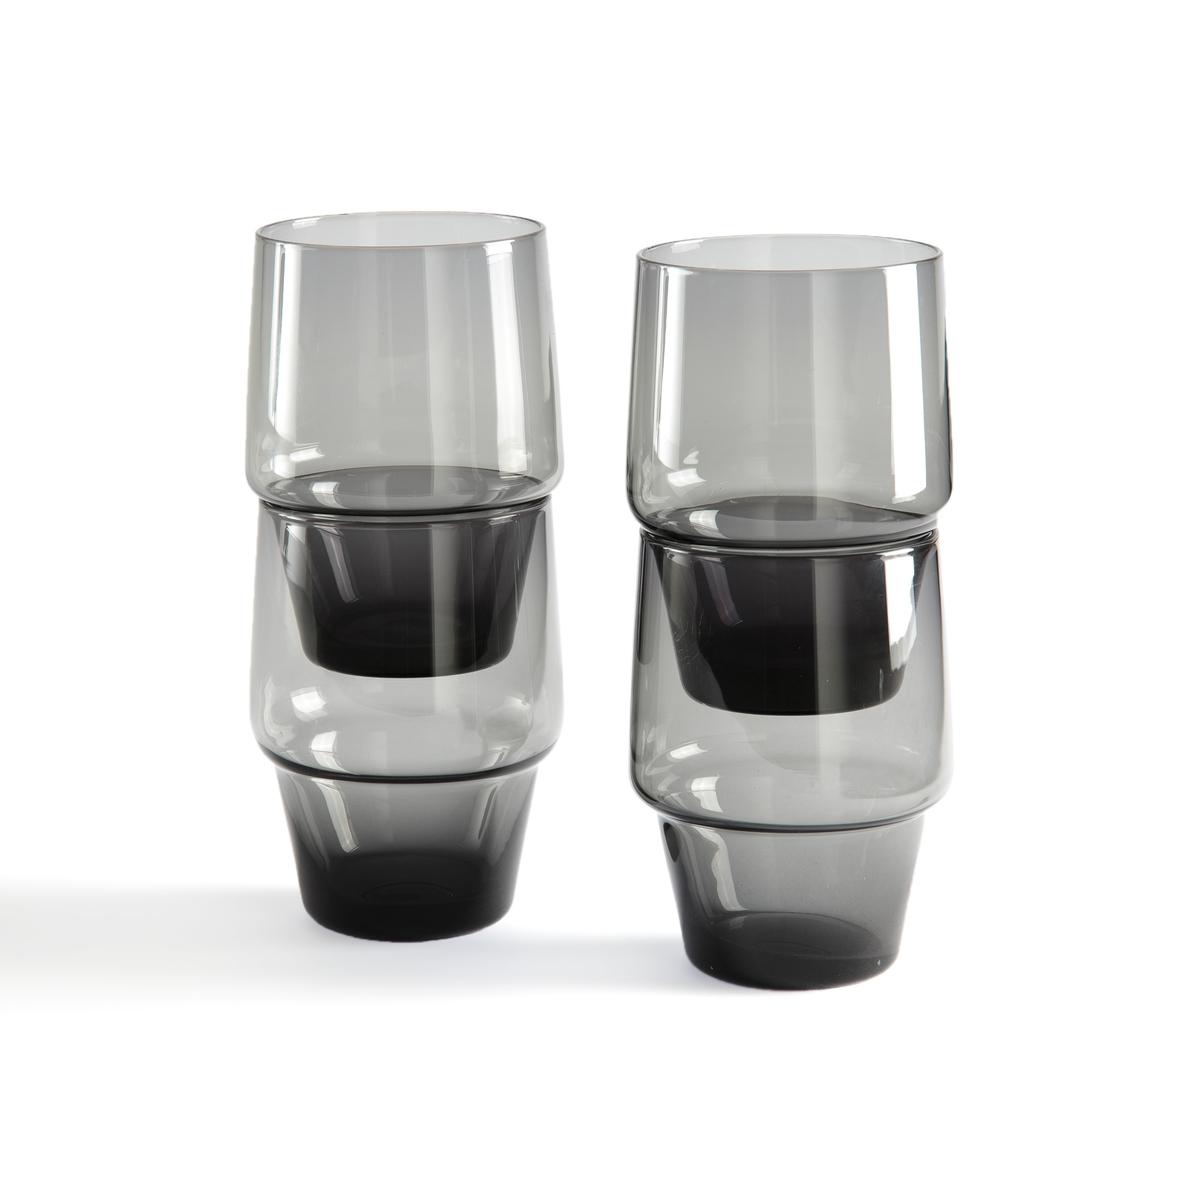 Комплект из 4 бокалов, Moly La Redoute La Redoute единый размер серый комплект из 3 горшков loupi la redoute la redoute единый размер серый